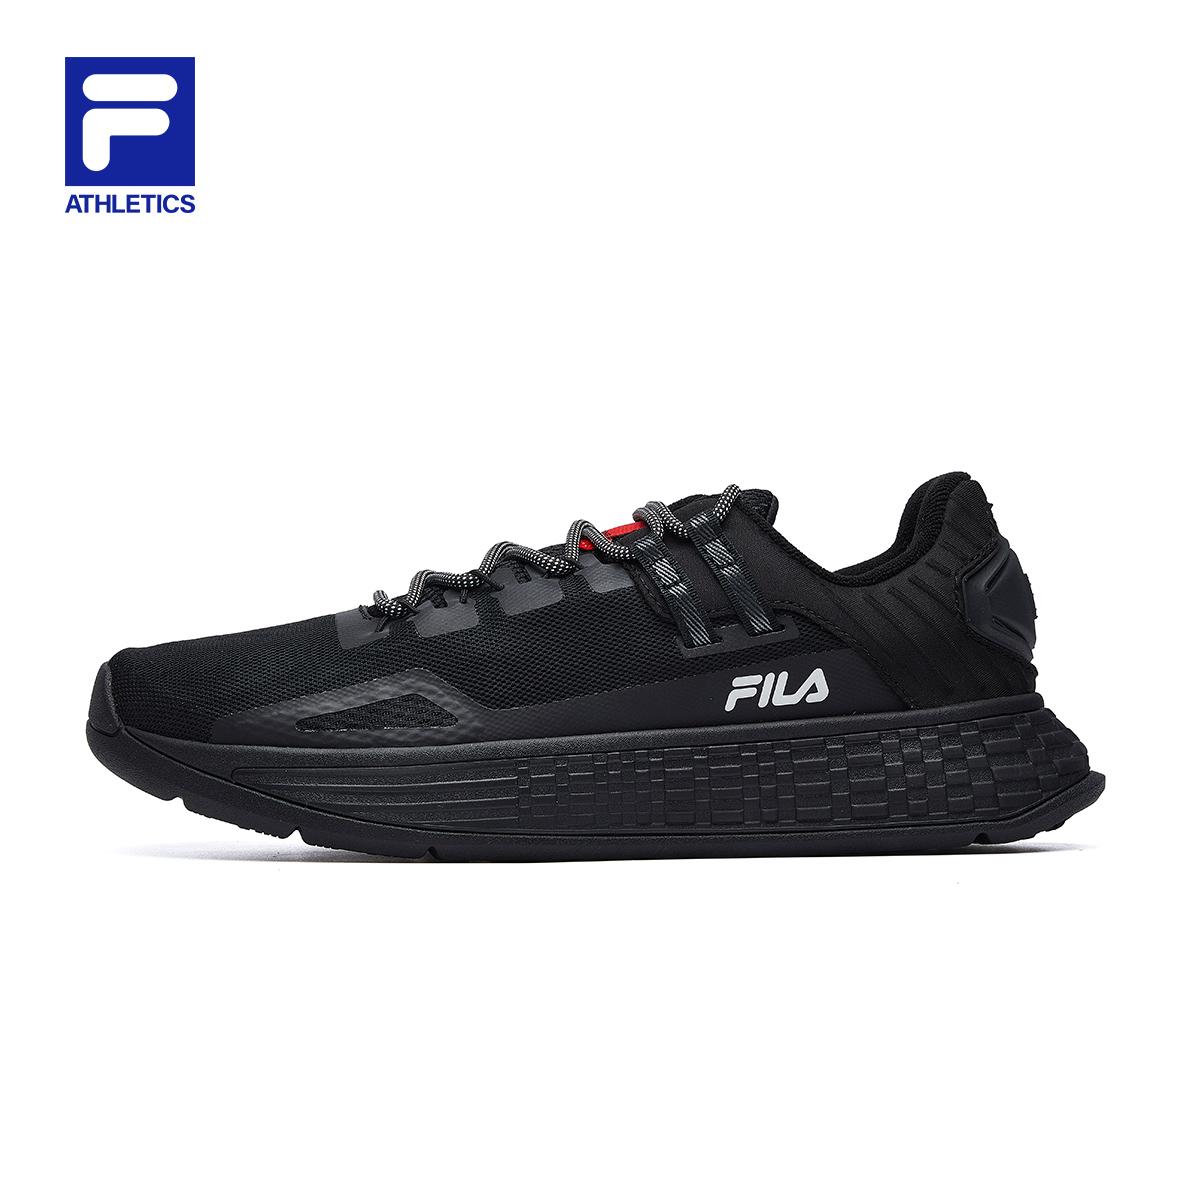 Fila athleticsรองเท้าวิ่งผู้ชายรองเท้าฝึกอบรม2020ใหม่ฤดูใบไม้ร่วงตาข่ายระบายอากาศรองเท้ากีฬา